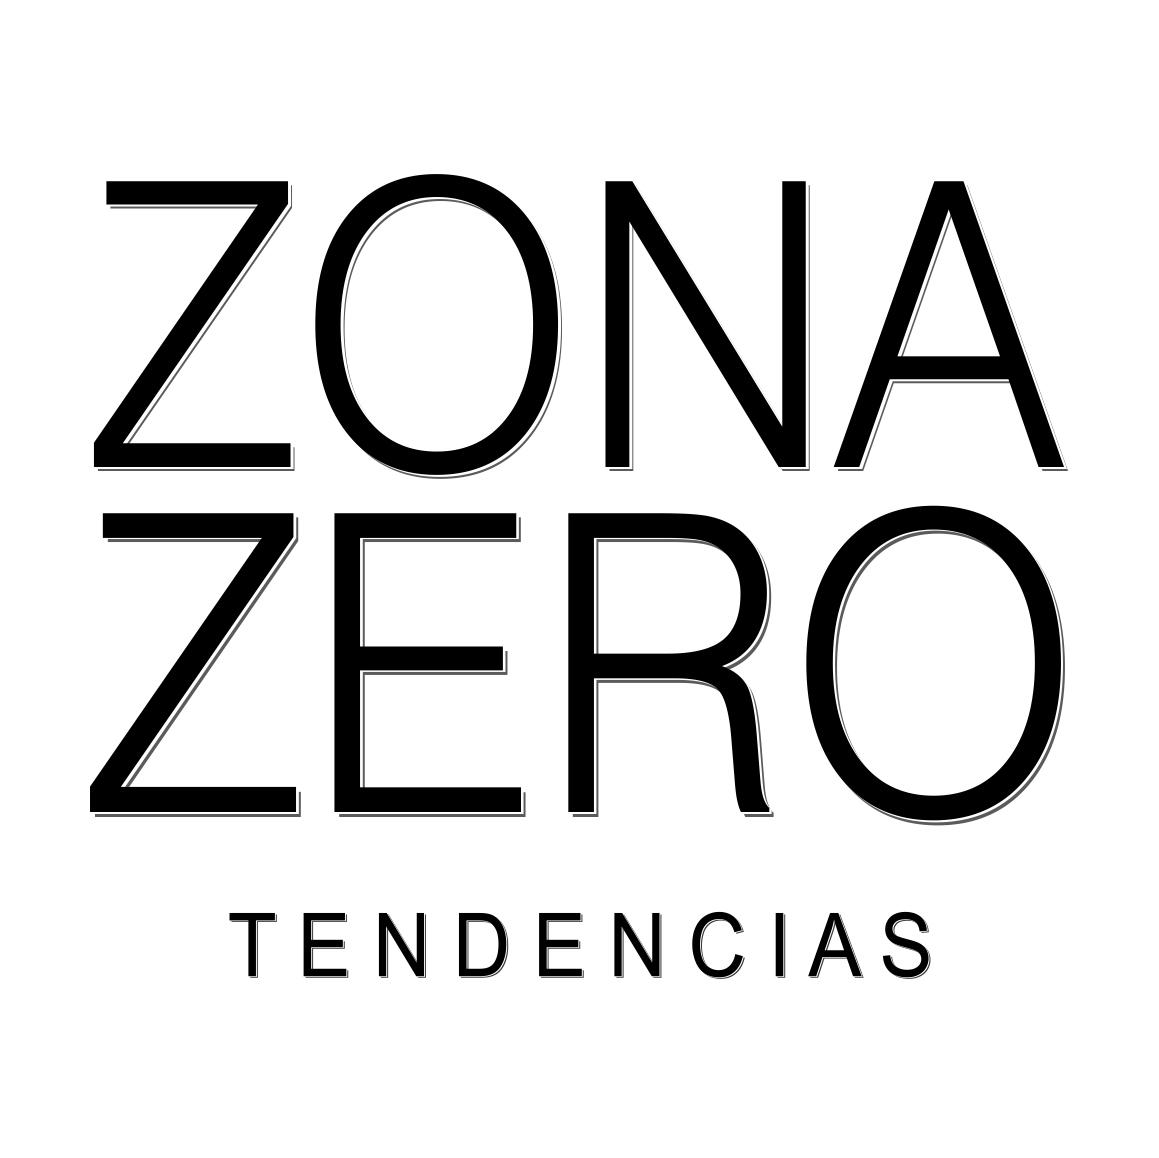 ZONA ZERO TENDENCIAS